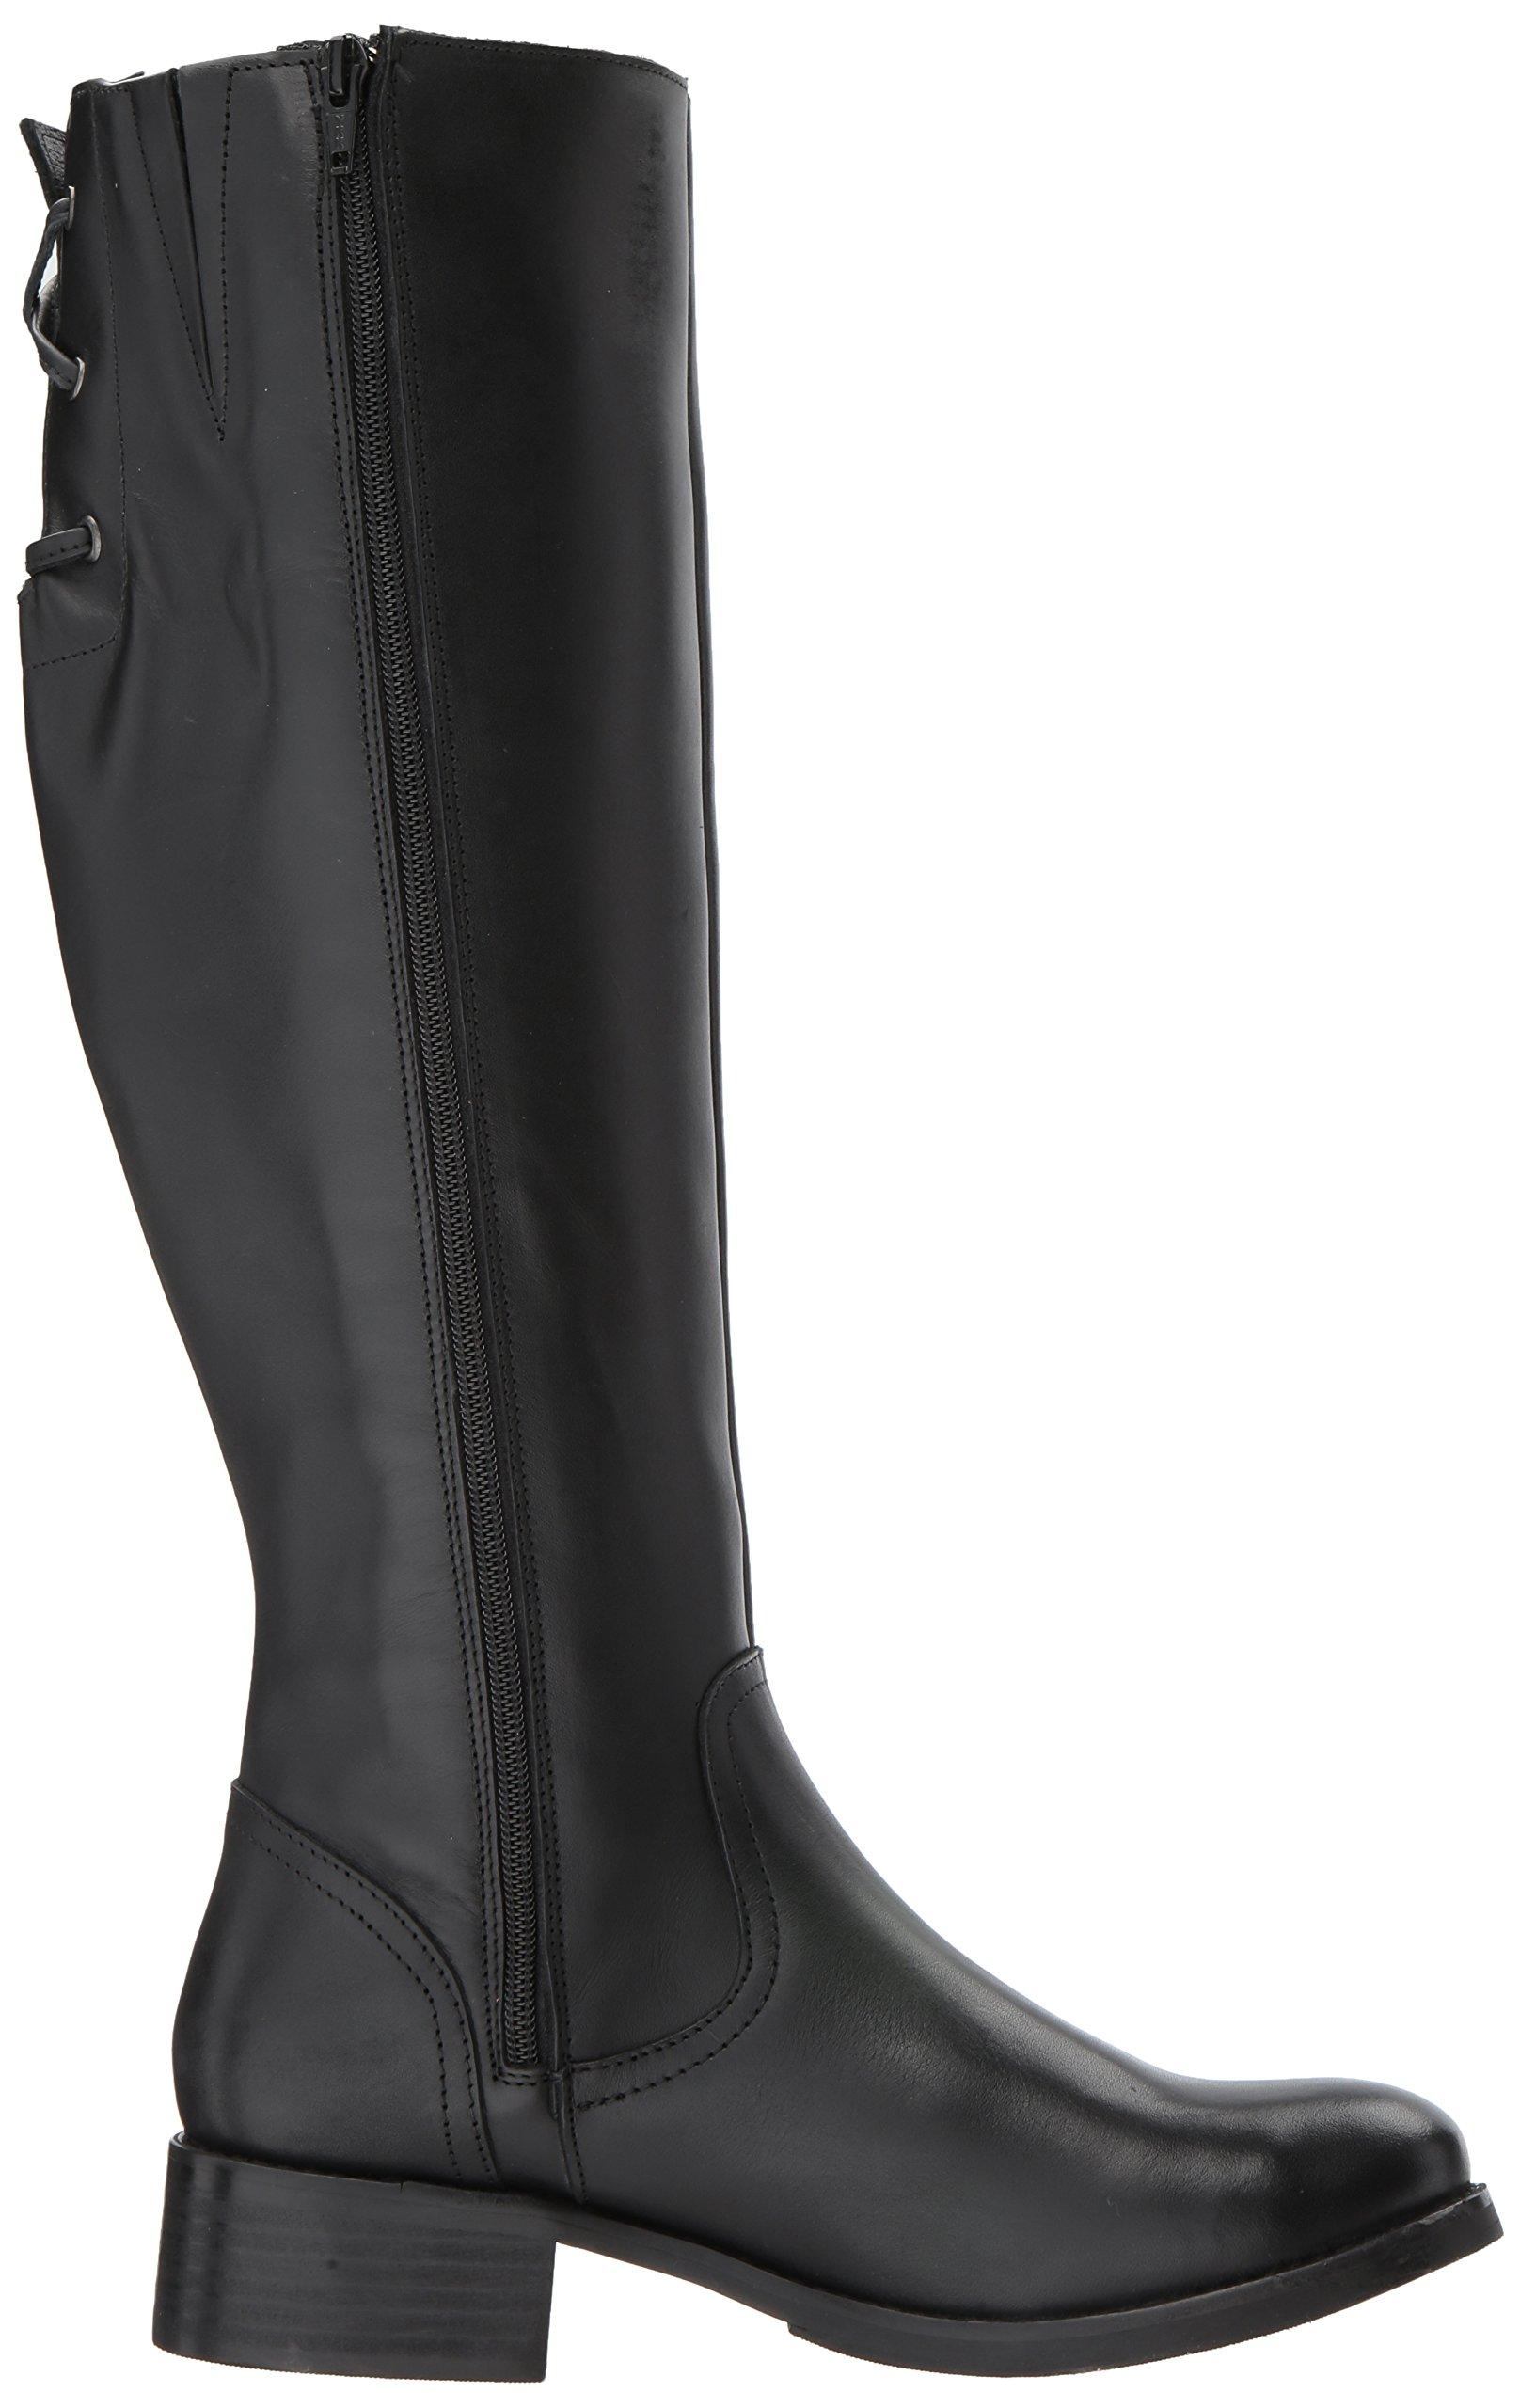 Steve Madden Women's Lover Western Boot, Black Leather, 8.5 M US by Steve Madden (Image #7)